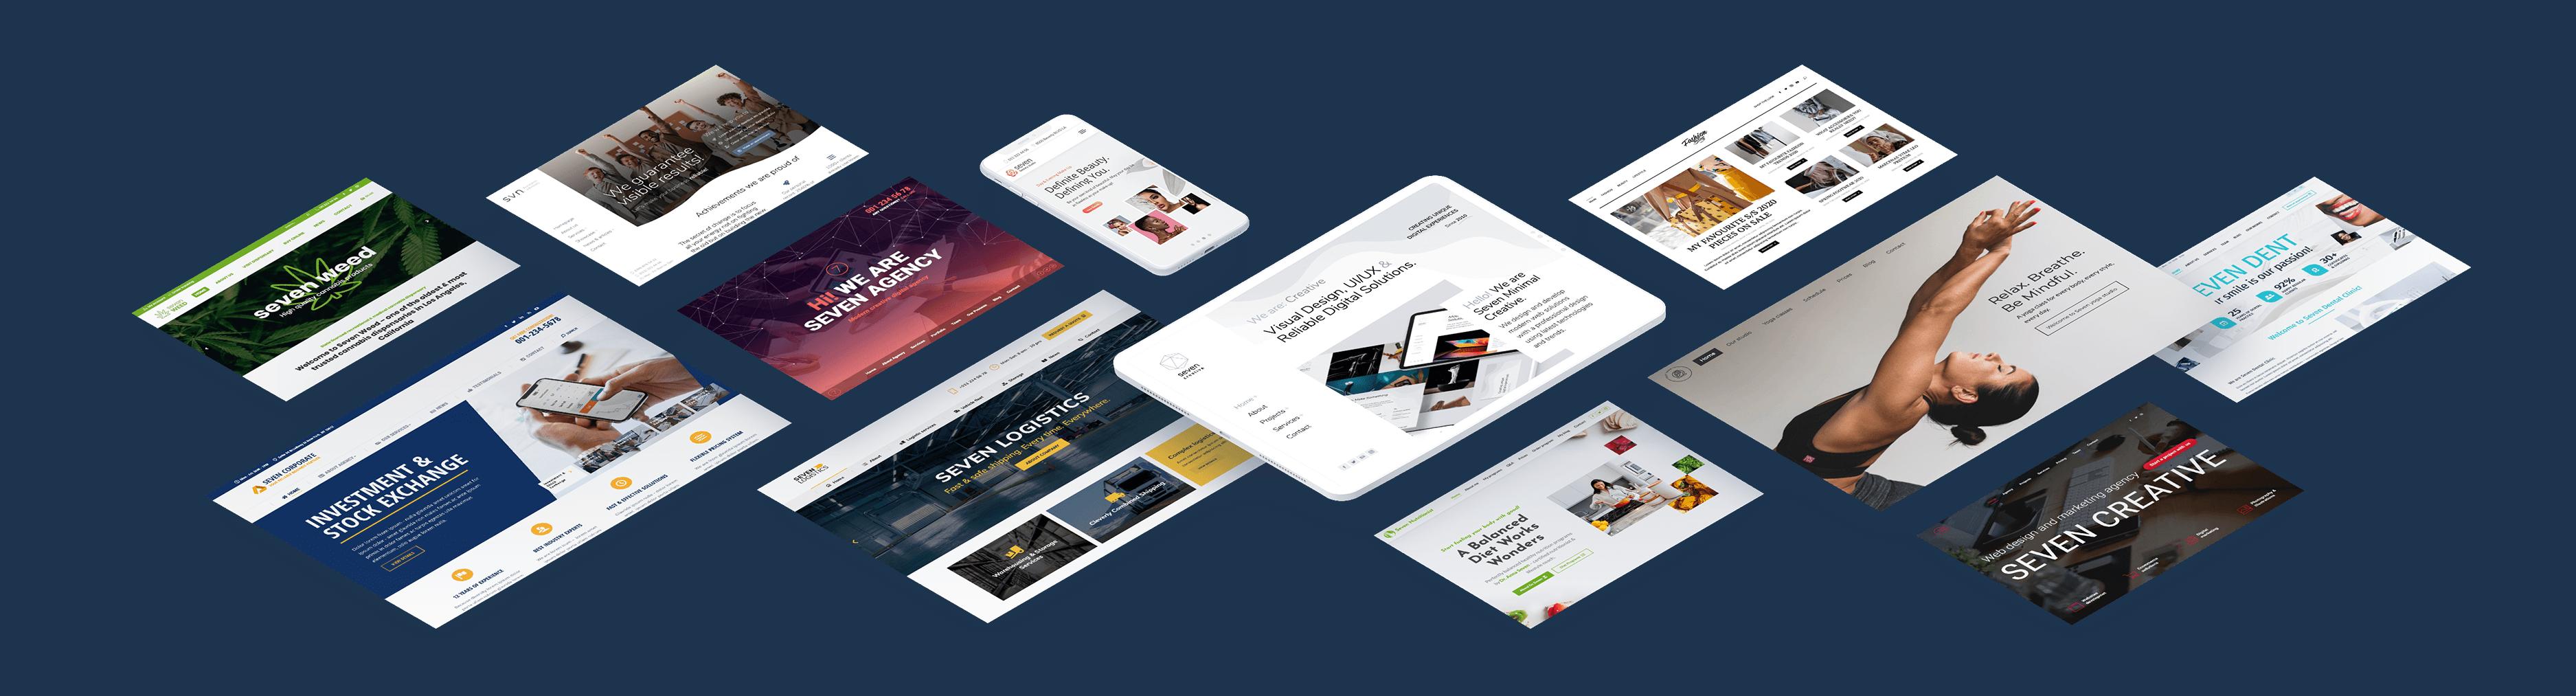 Web Tasarım Örnekleri